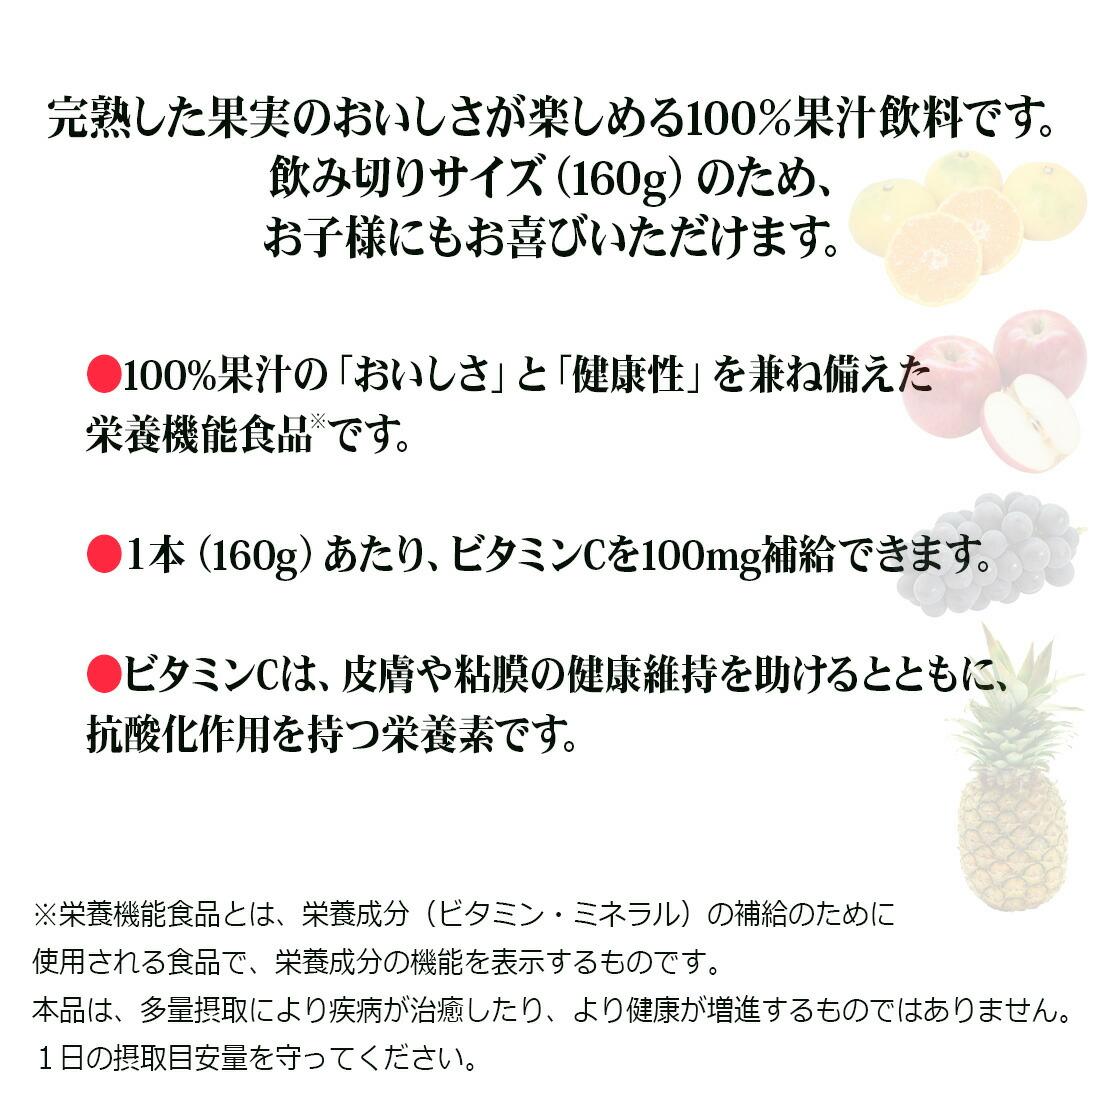 【A】伊藤園 ビタミンフルーツギフトは28缶入り 01